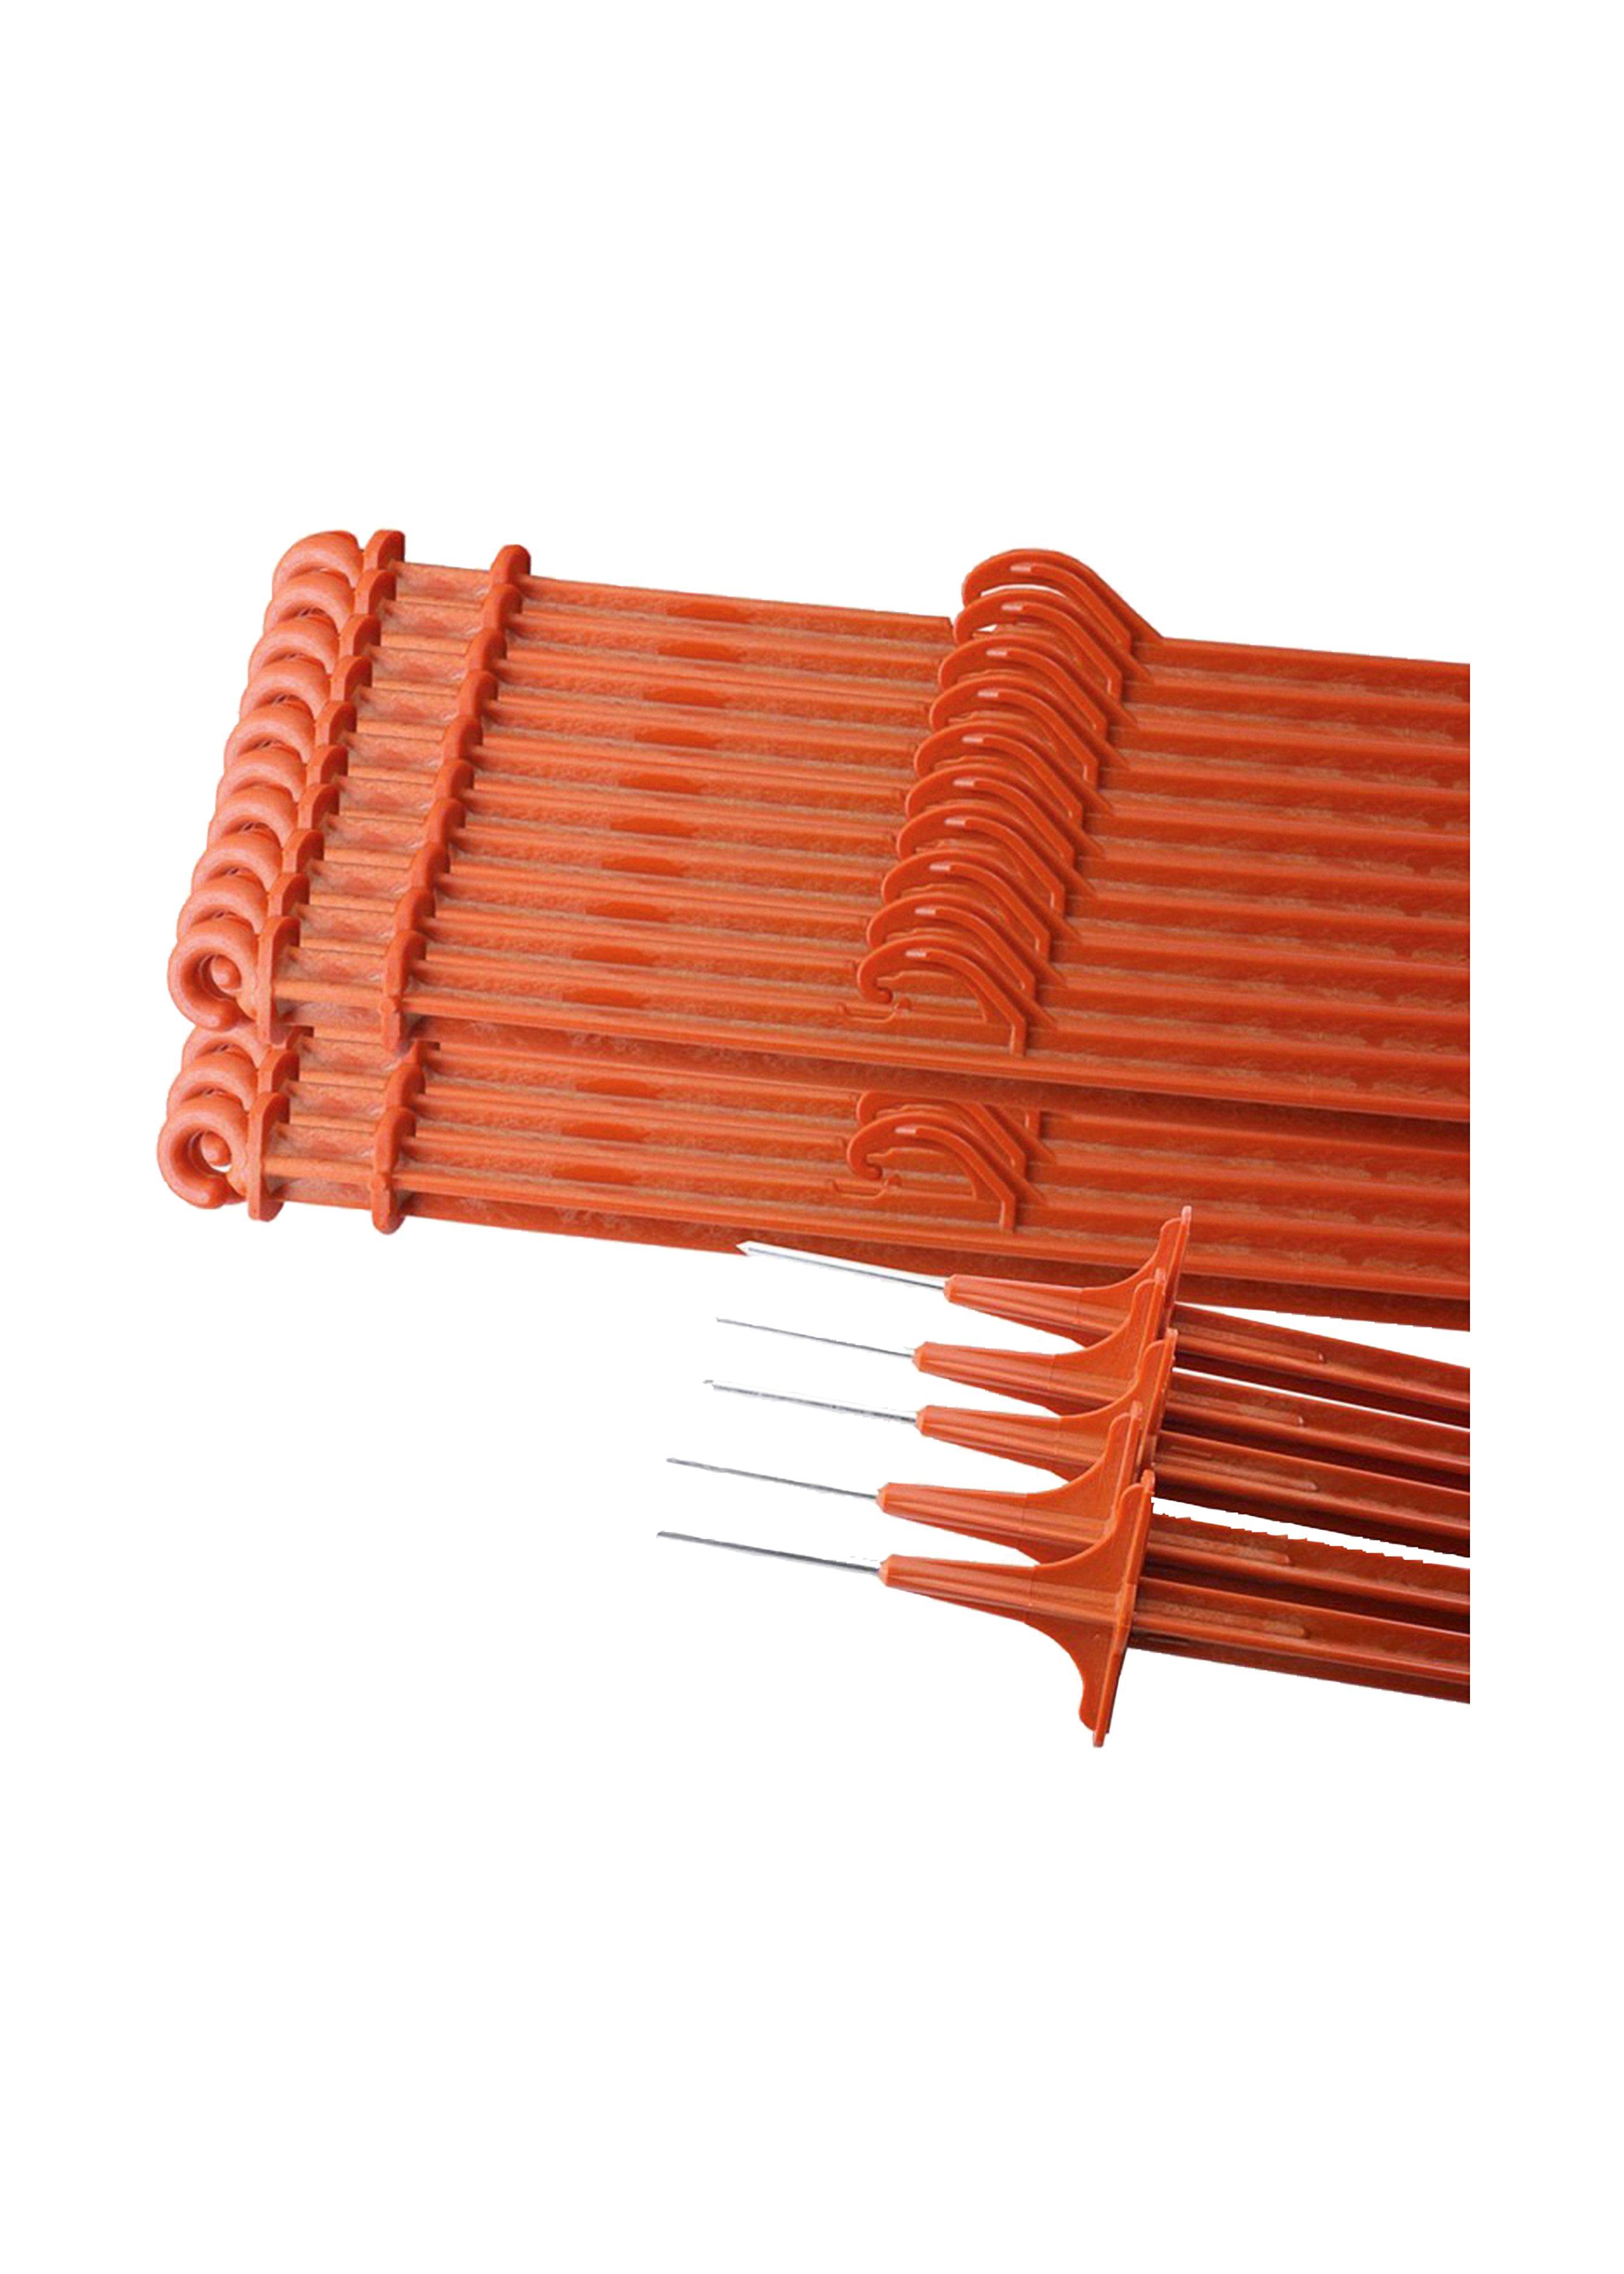 Piquets de clôture Profi Variant renforcés de fibre de verre (25 pcs.) 255054 1